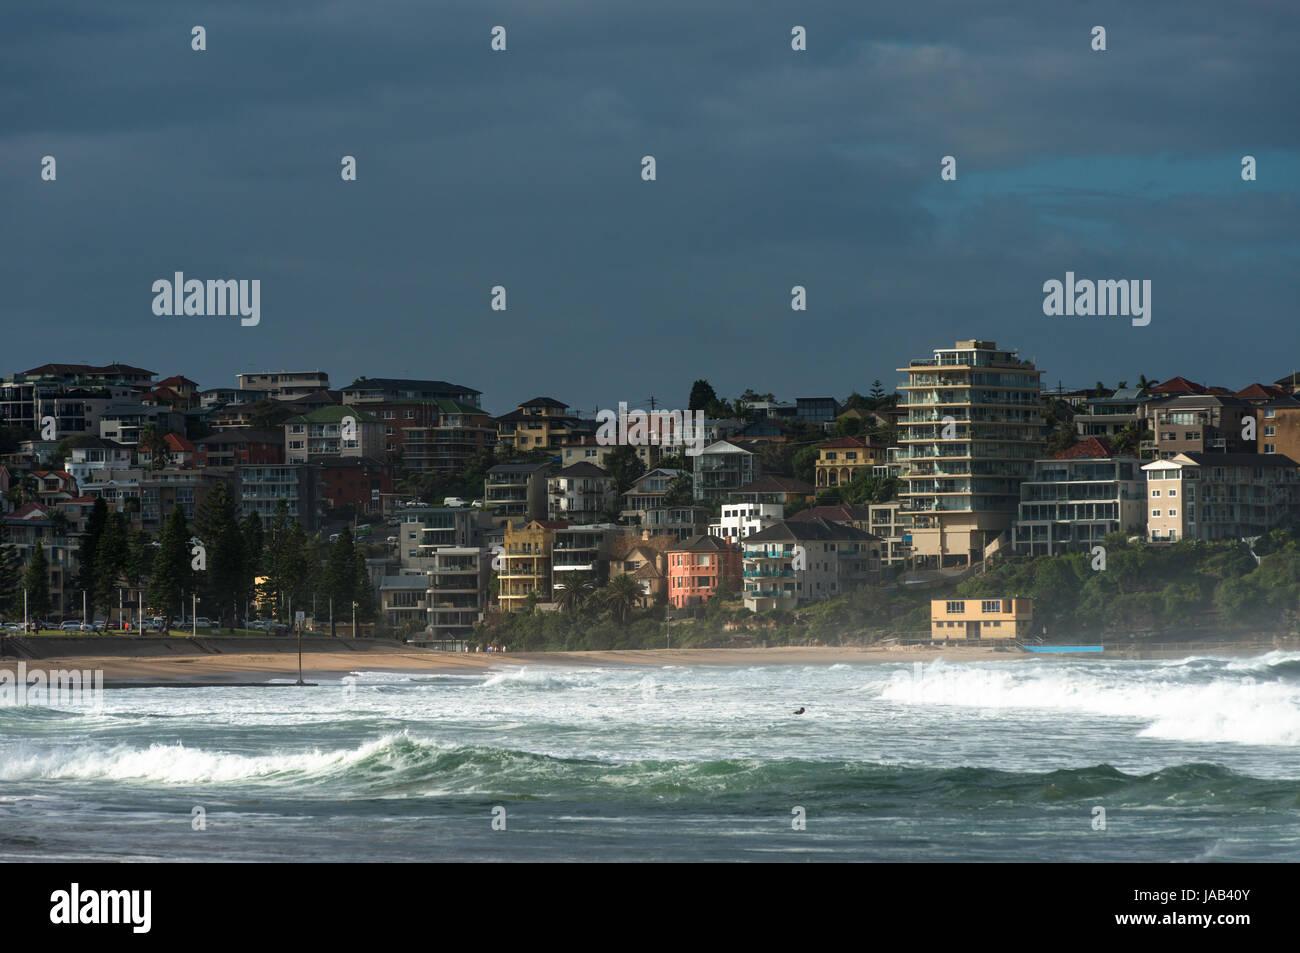 Manly Beach en un día tempestuoso. Playas del norte de Sydney, Australia. Imagen De Stock